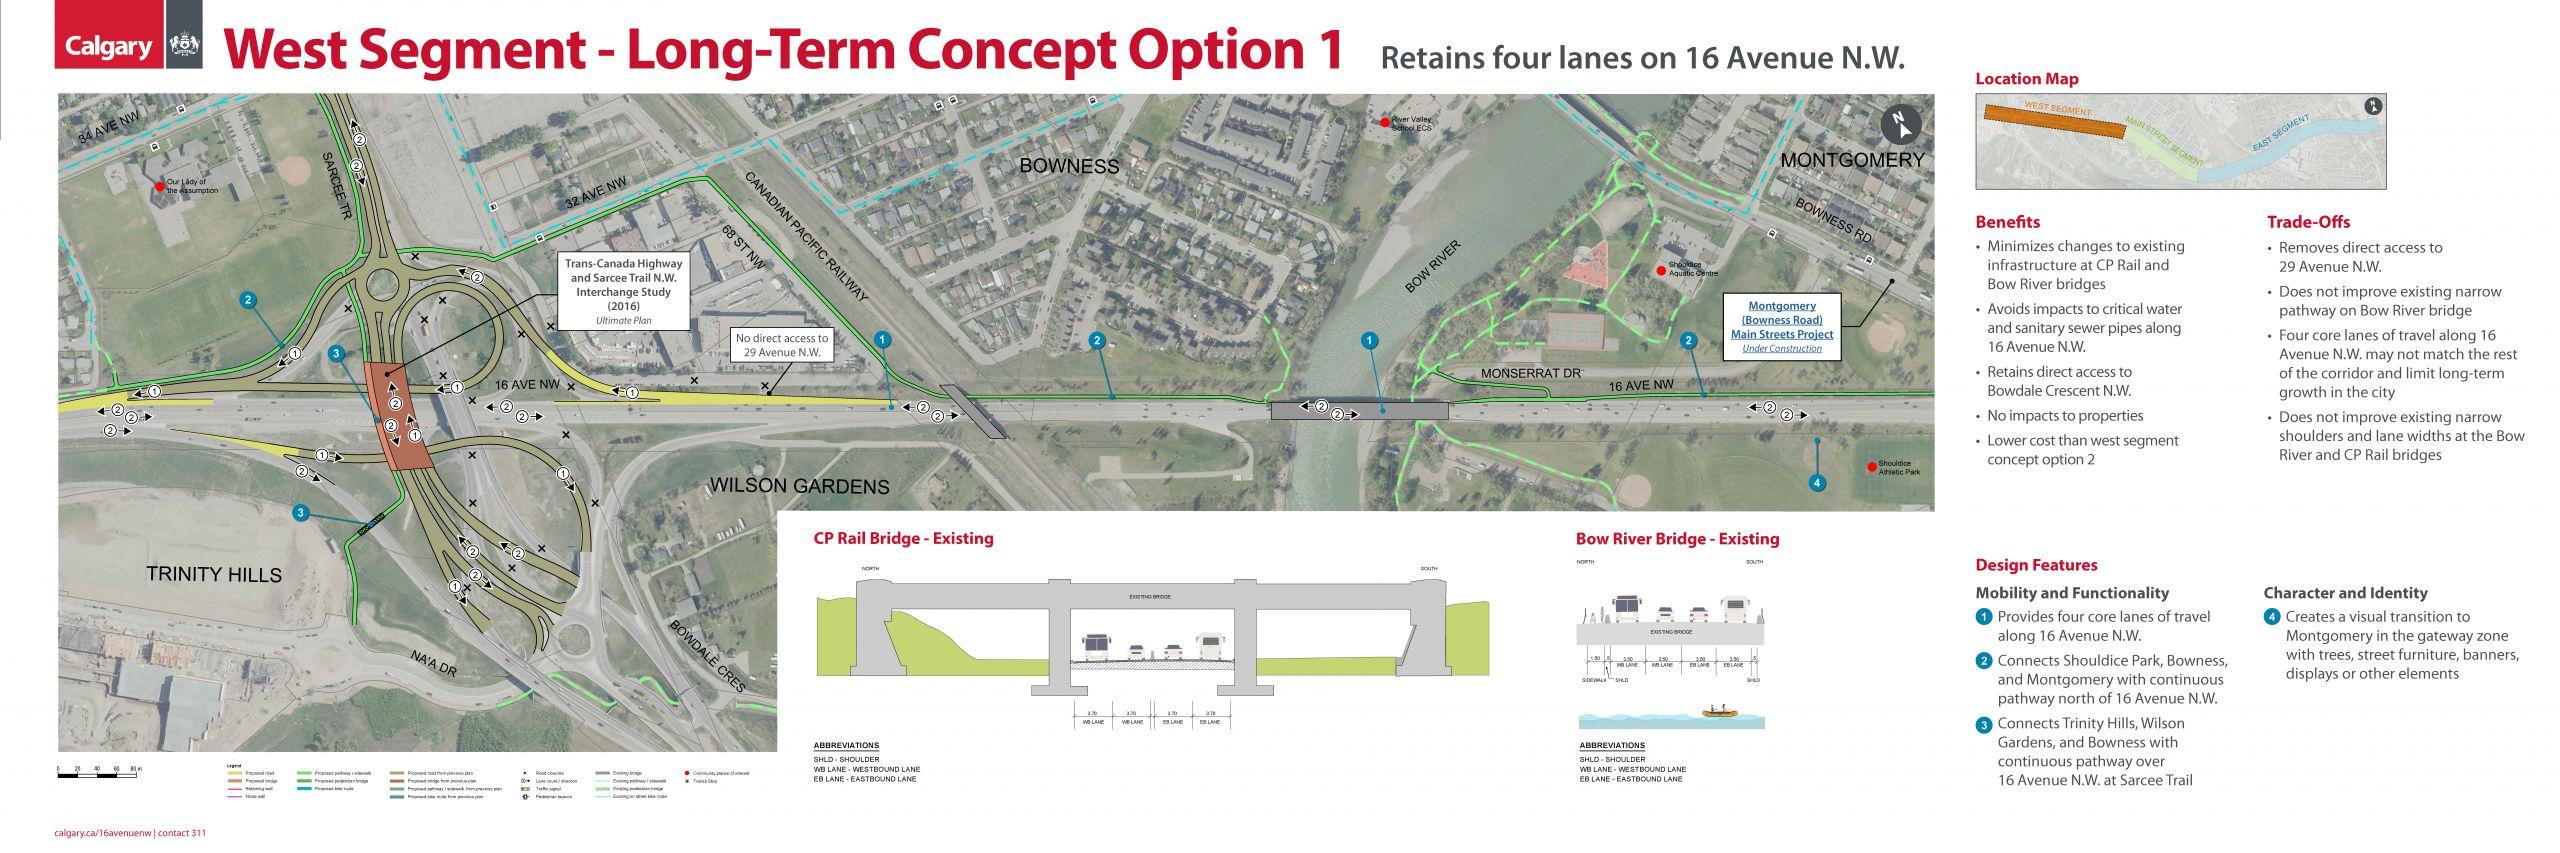 West Segment - Long-Term Concept Option 1